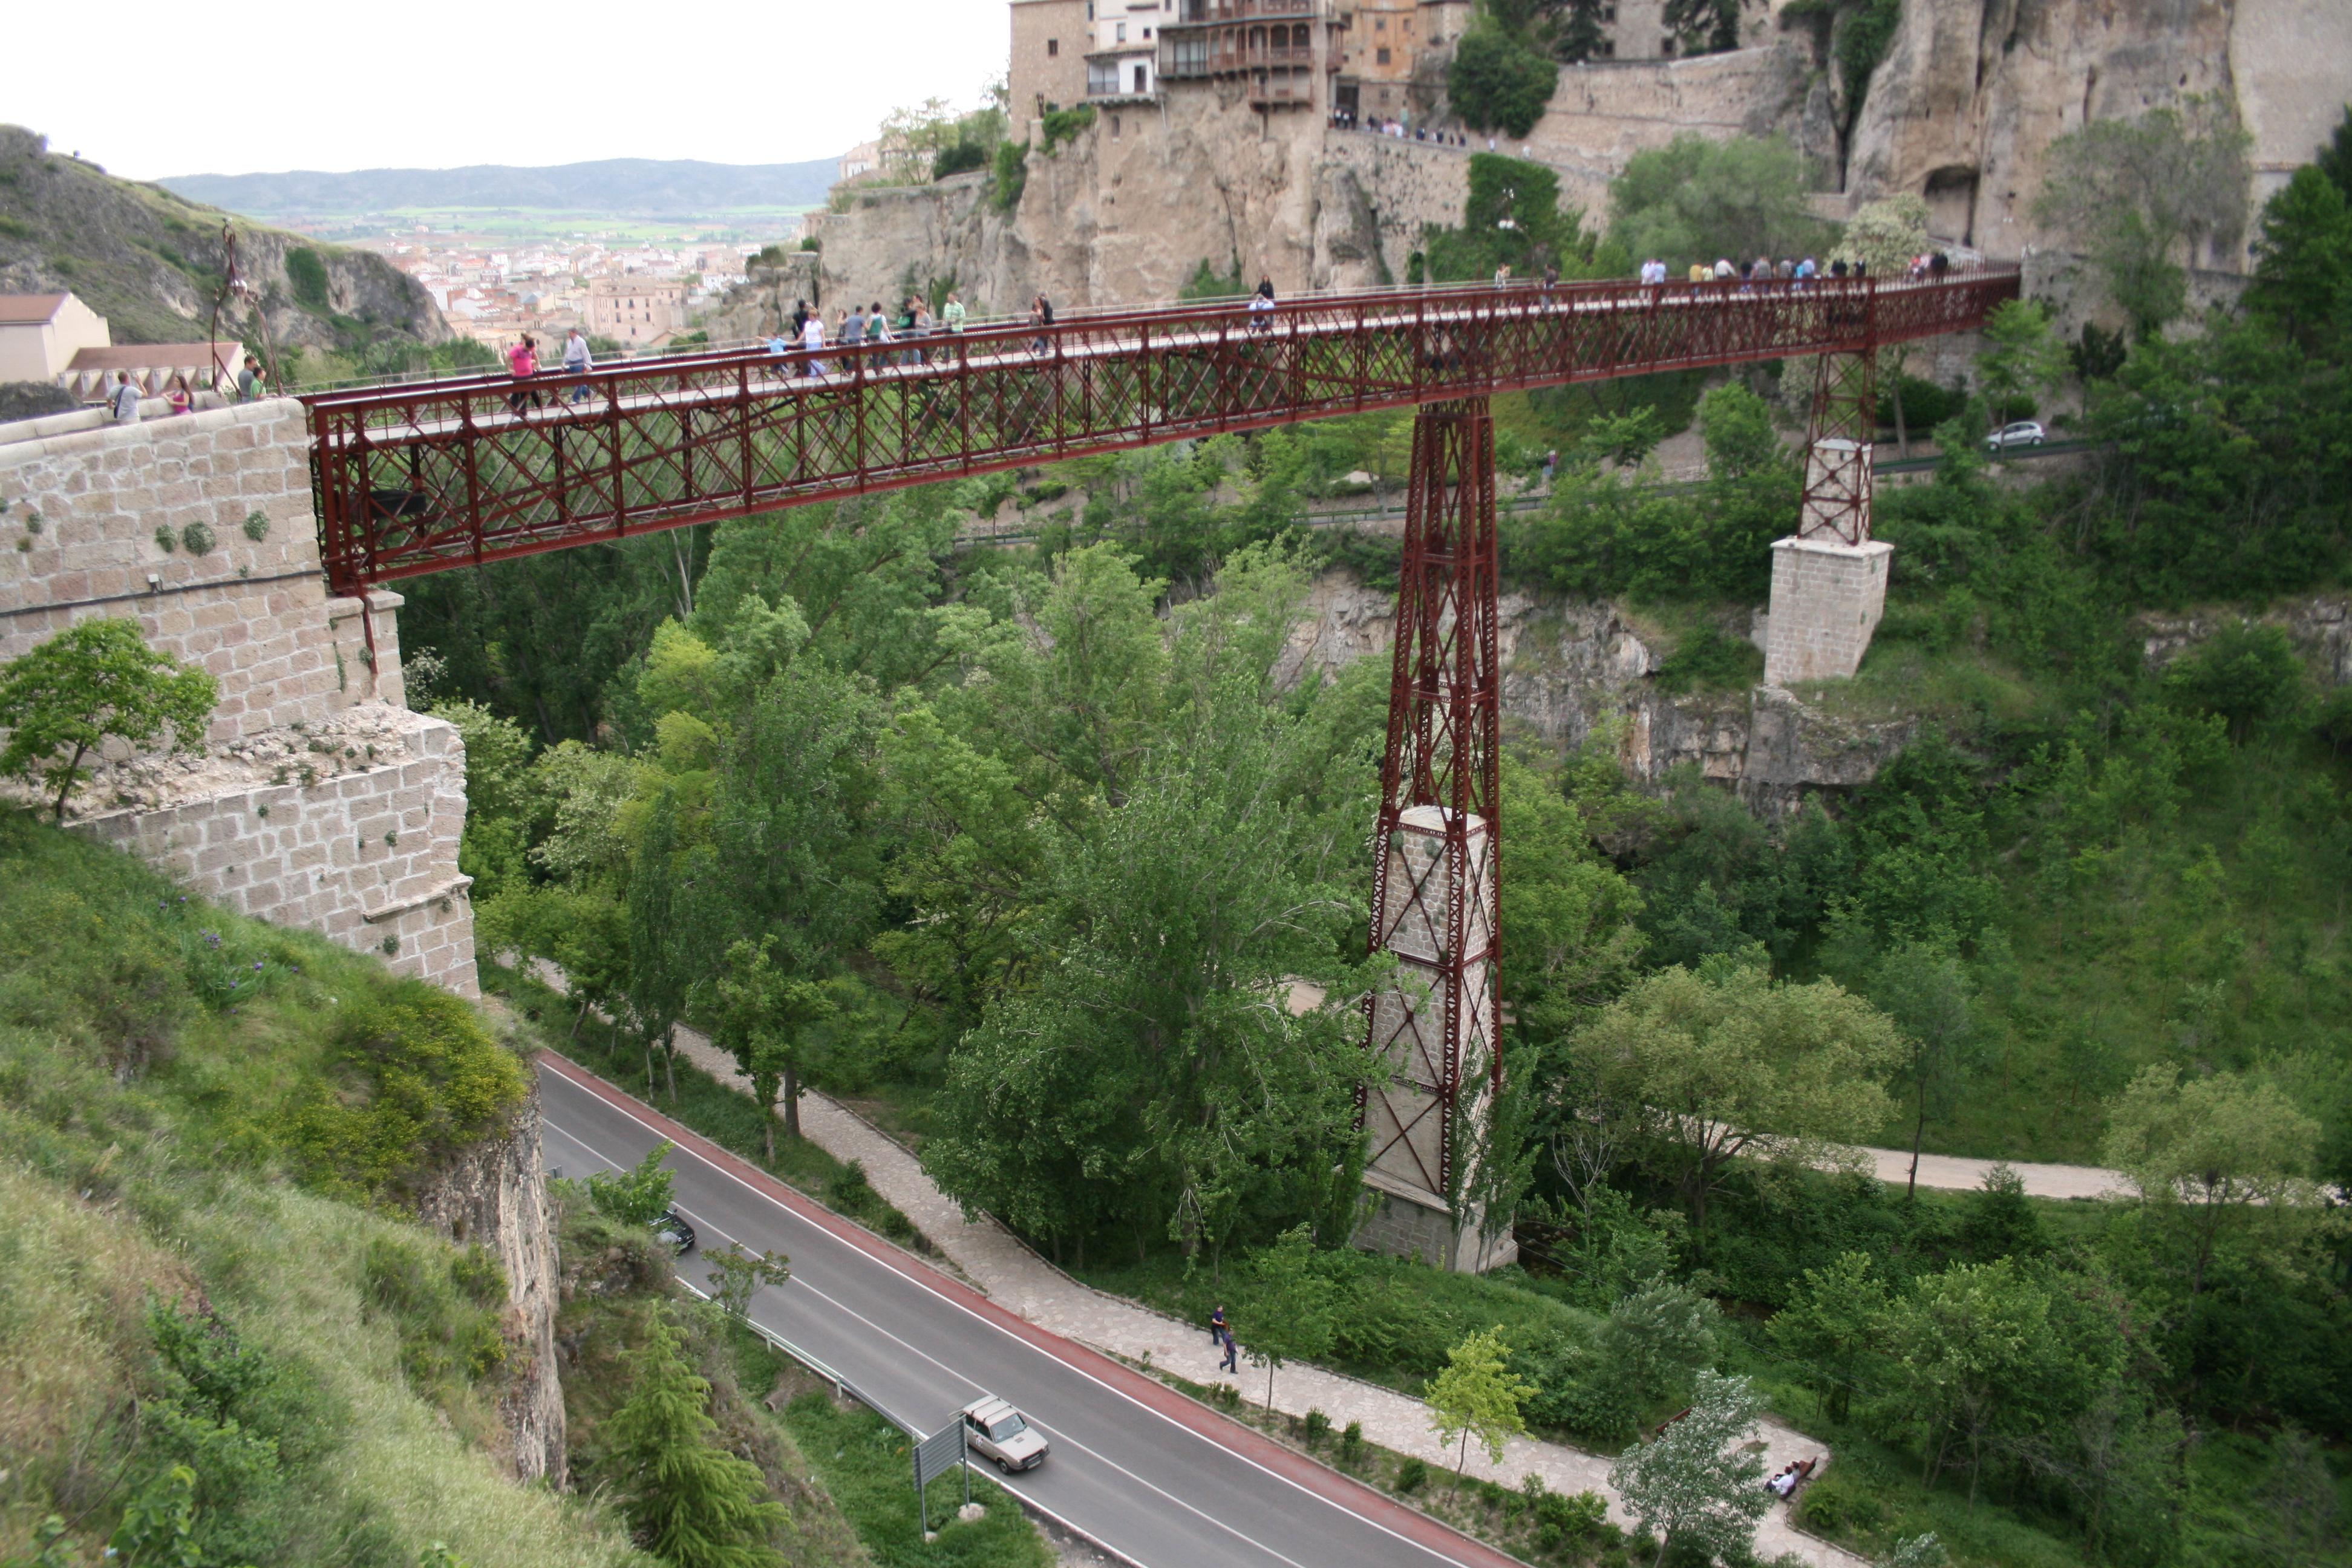 Archivo:Puente de San Pablo (Cuenca).jpg - Wikipedia, la ...